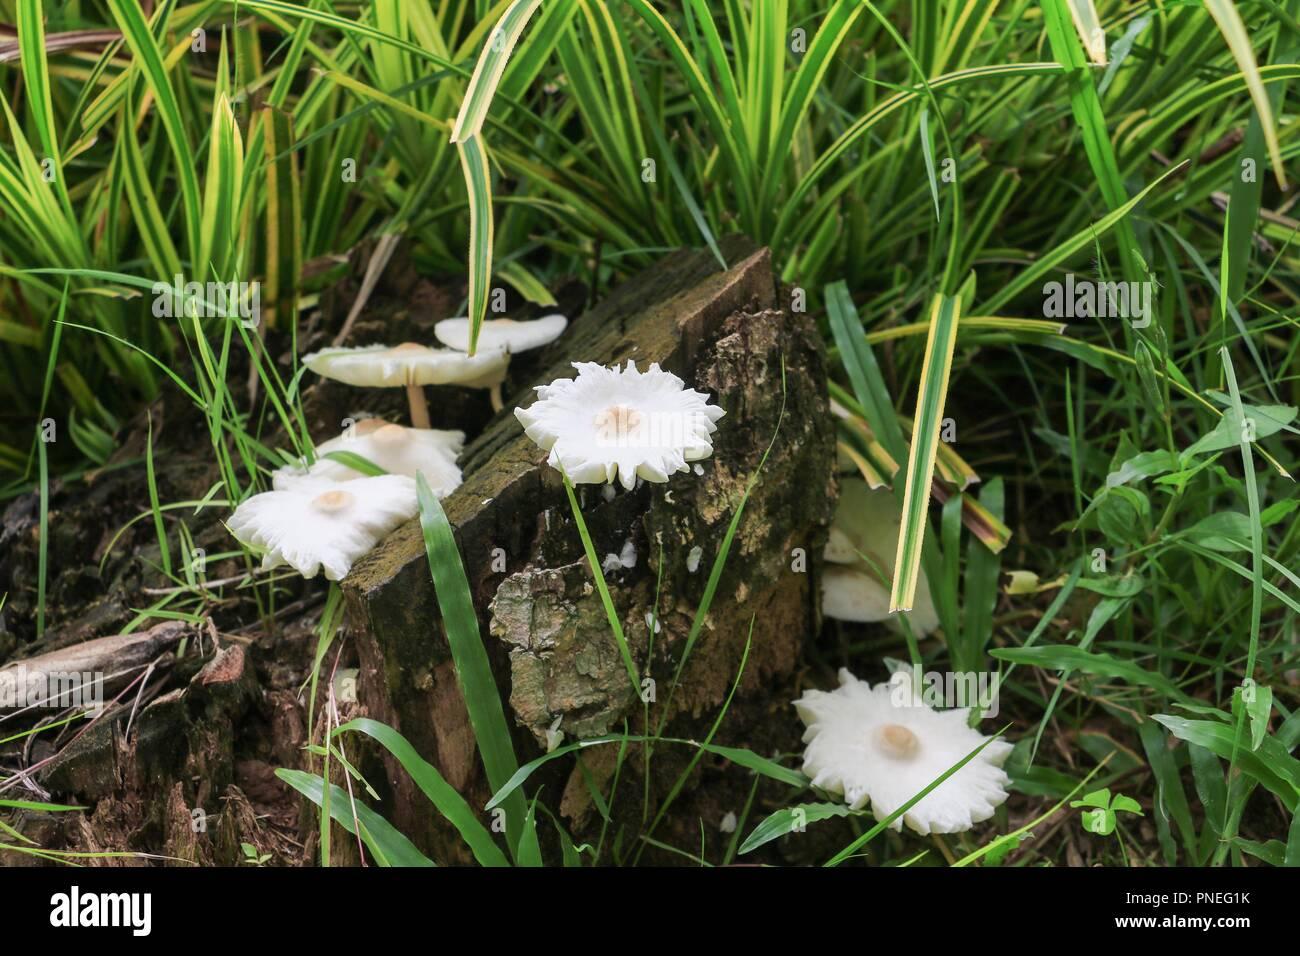 Pilze in der Natur schöne auf dem Boden, Gras, wählen Sie Fokus mit geringer Tiefenschärfe. Stockfoto